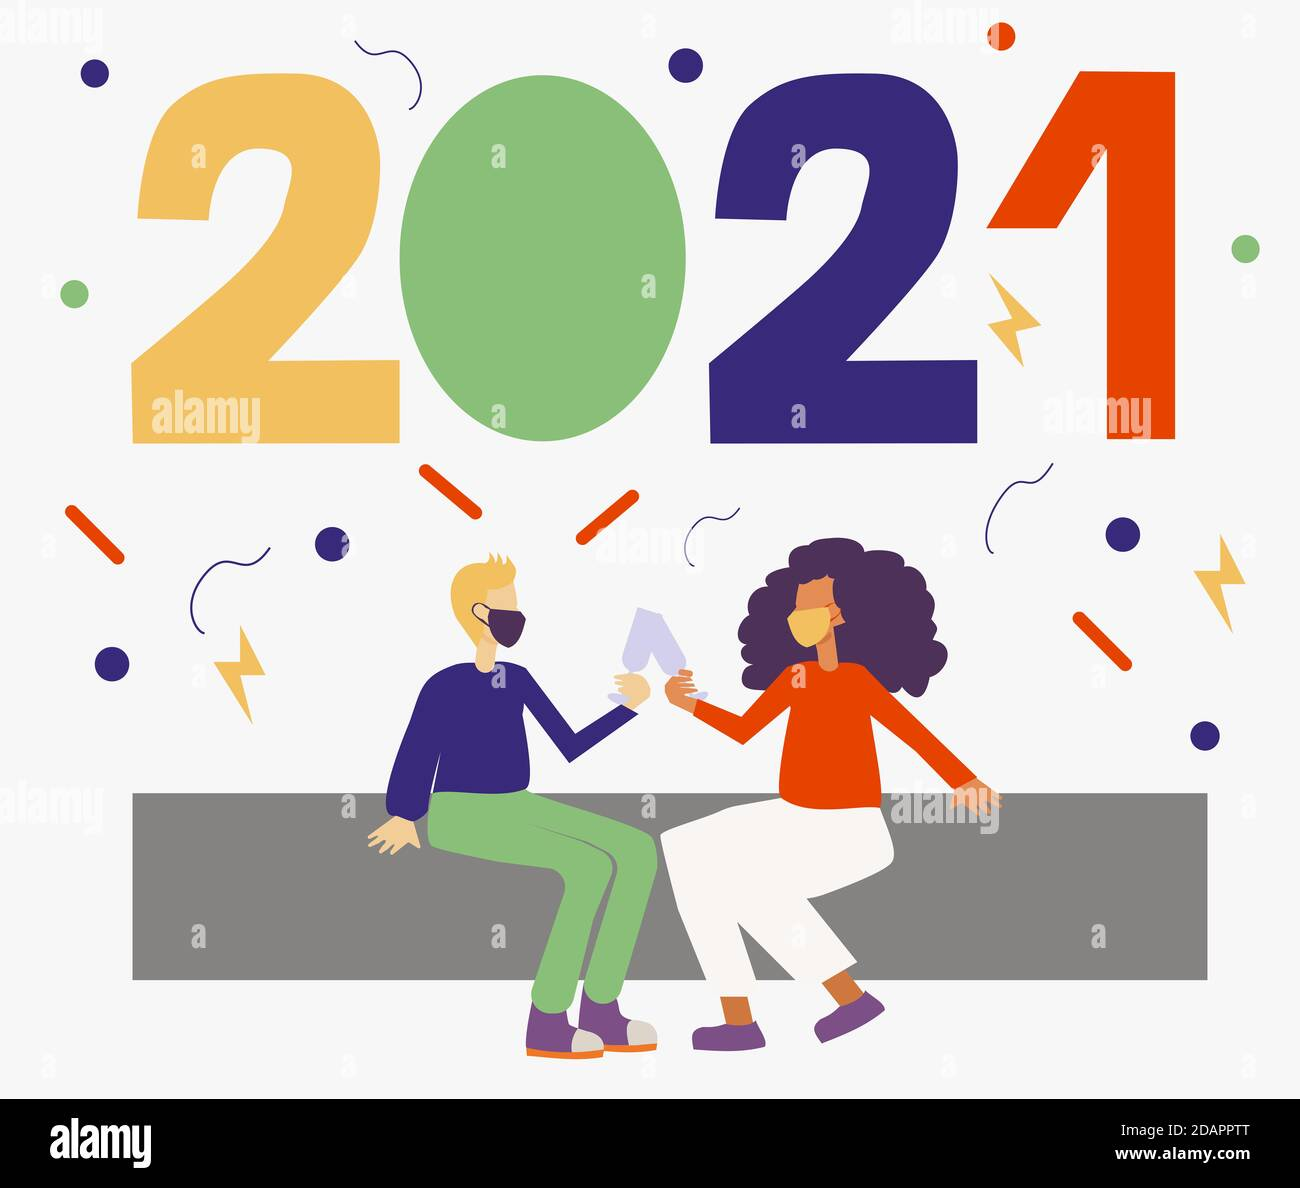 Ilustración de dos personajes con máscaras faciales y celebrando el año nuevo 2021. La nueva normalidad previniendo la infección por el virus de la corona. Foto de stock